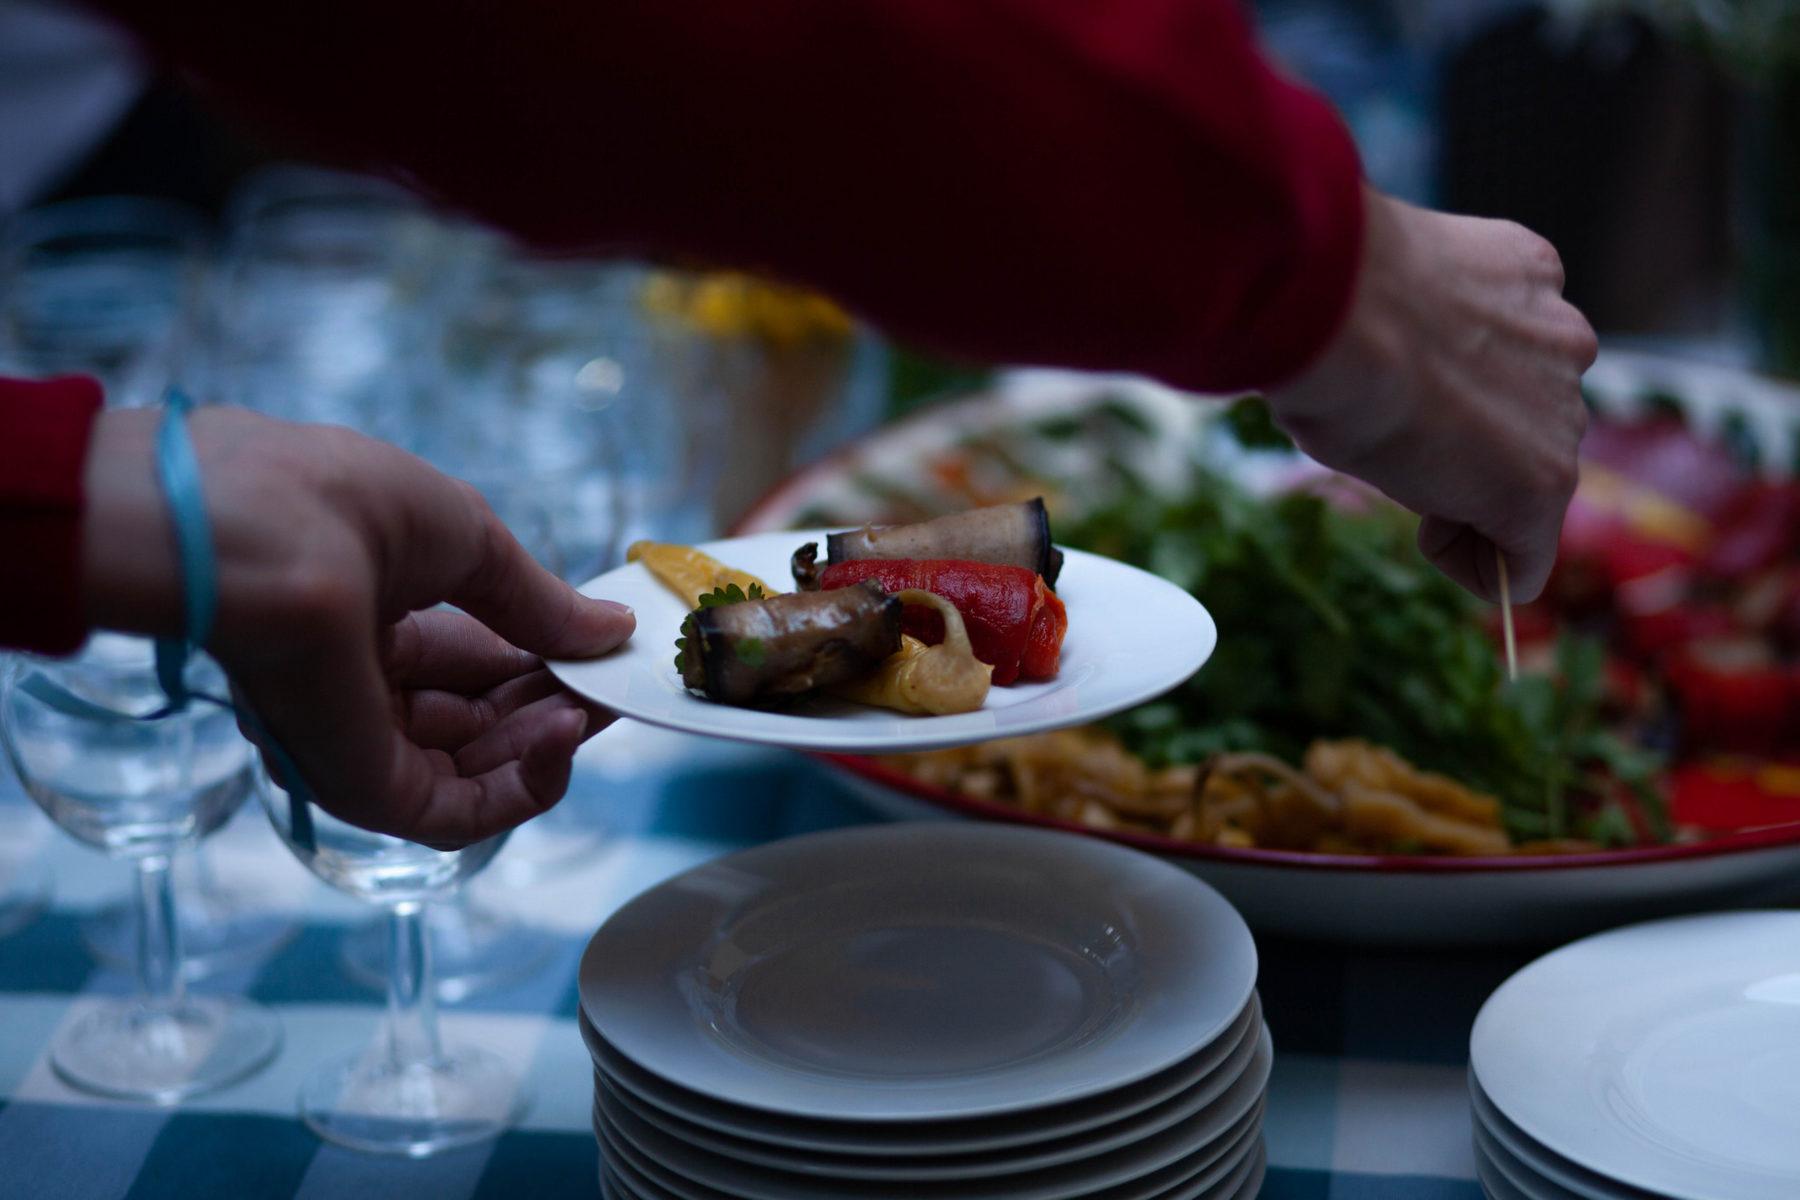 Программа «Литературный ужин № 3 в доме Достоевского» – события на сайте «Московские Сезоны»